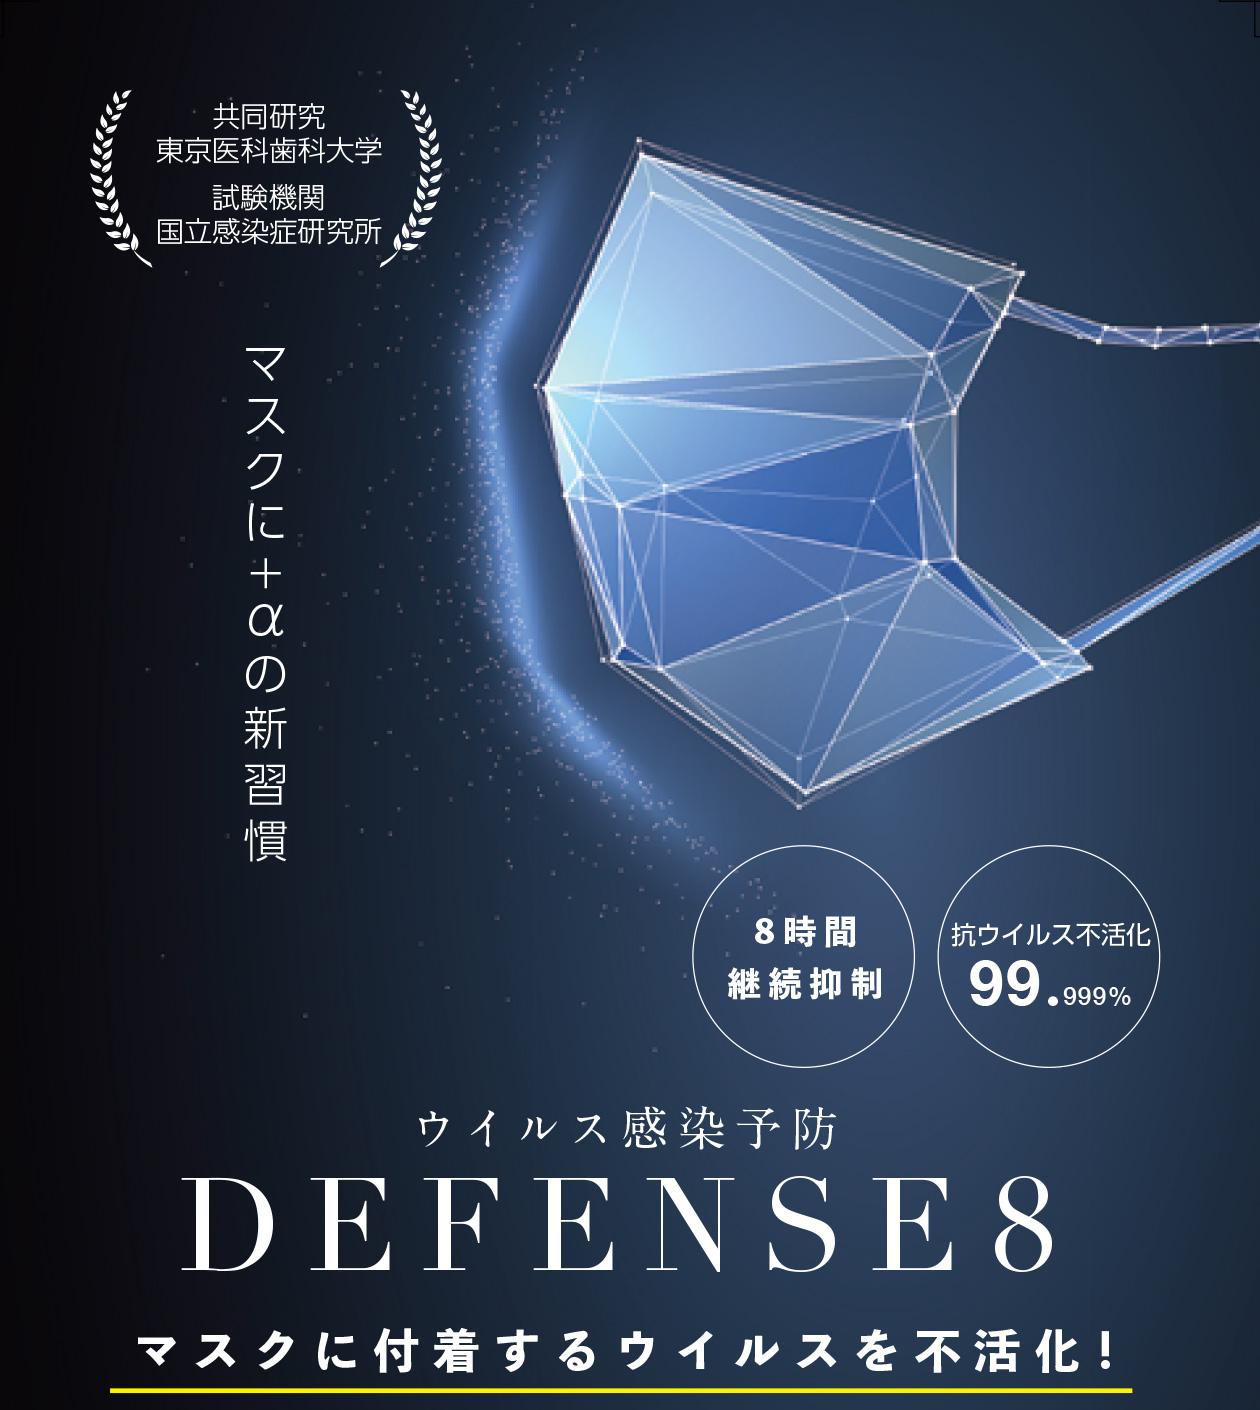 defense8